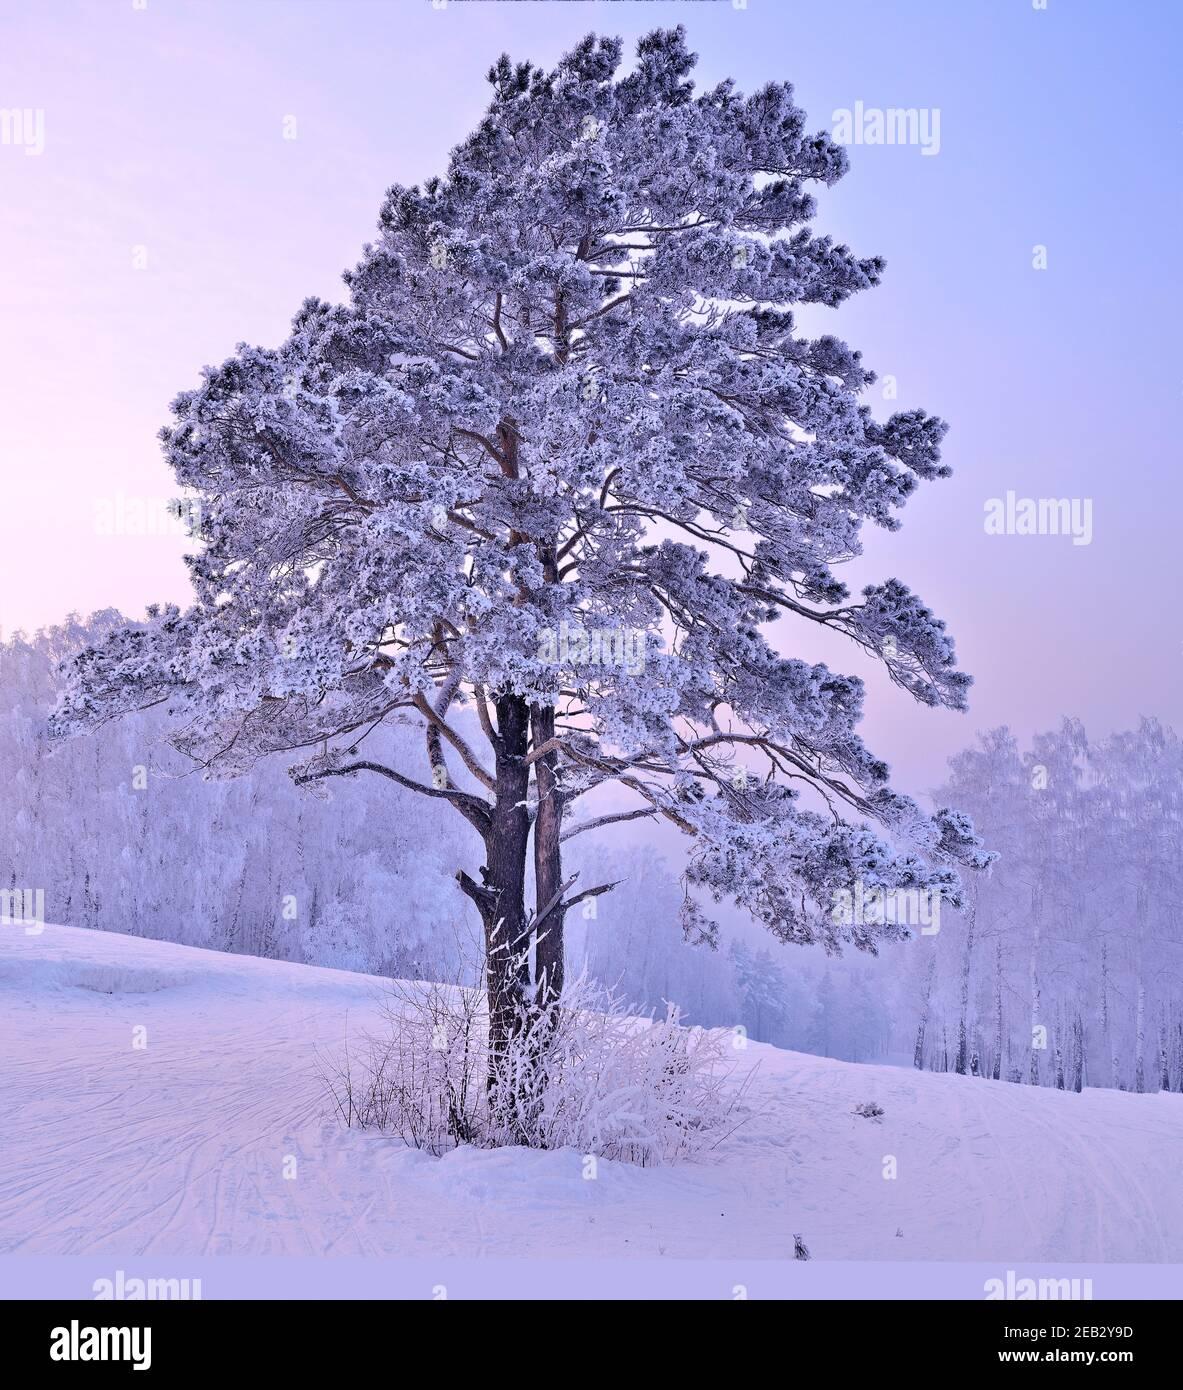 Schnee und Reif bedeckten Kiefer auf der Spitze des Hügels bei rosa Sonnenaufgang. Stimmungsvolle Winterlandschaft - Märchen aus der Natur. Ski Spuren auf verschneiten Pisten - A Stockfoto